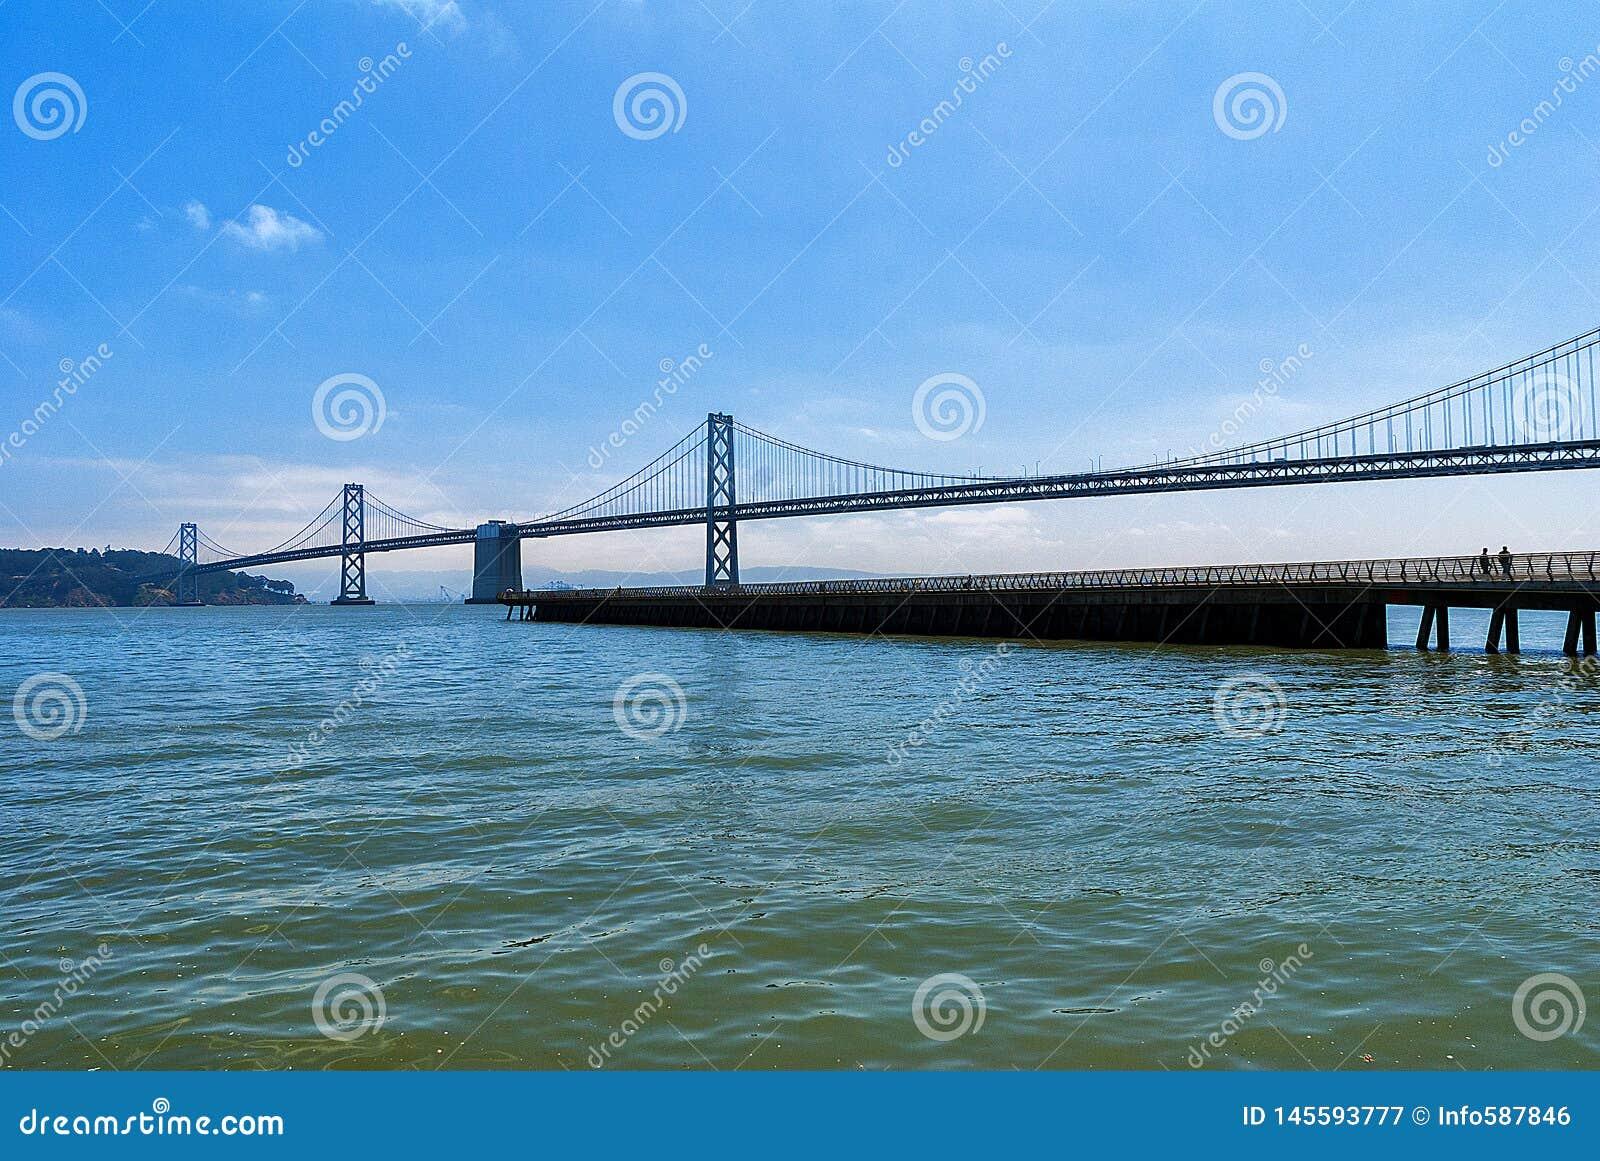 Σαν Φρανσίσκο στη γέφυρα του Όουκλαντ